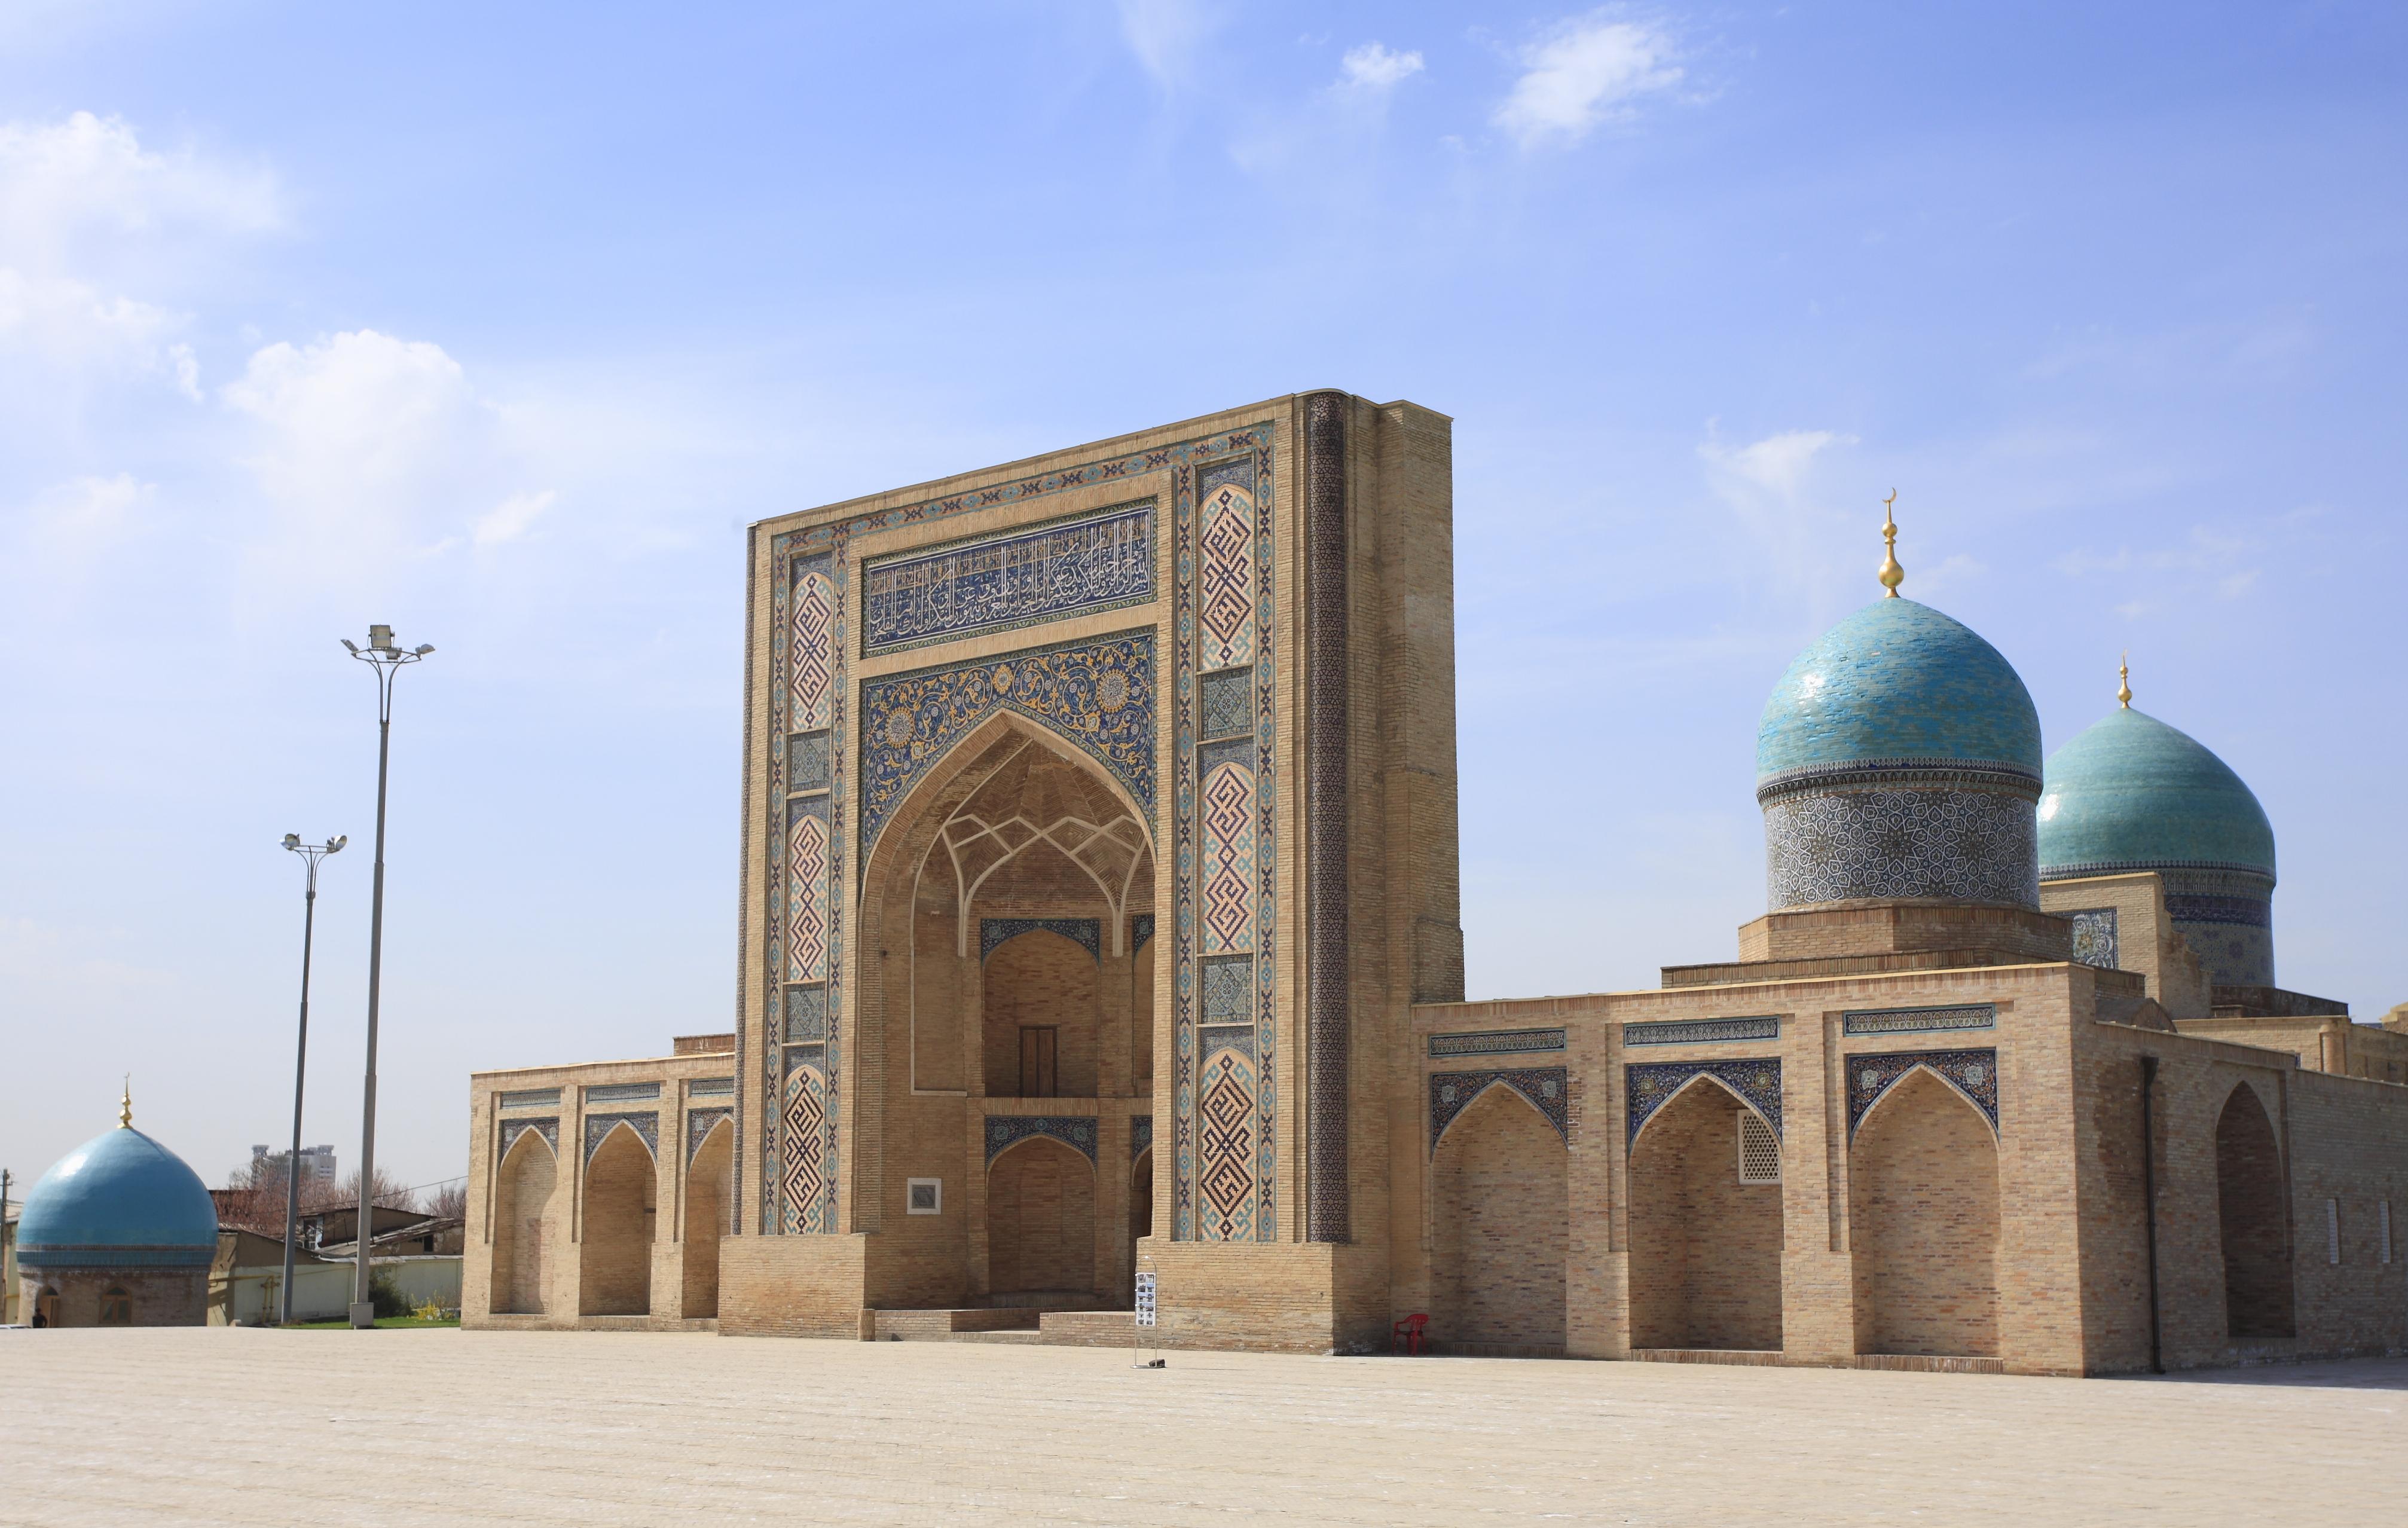 Hast Imam Mosque, Uzbekistan